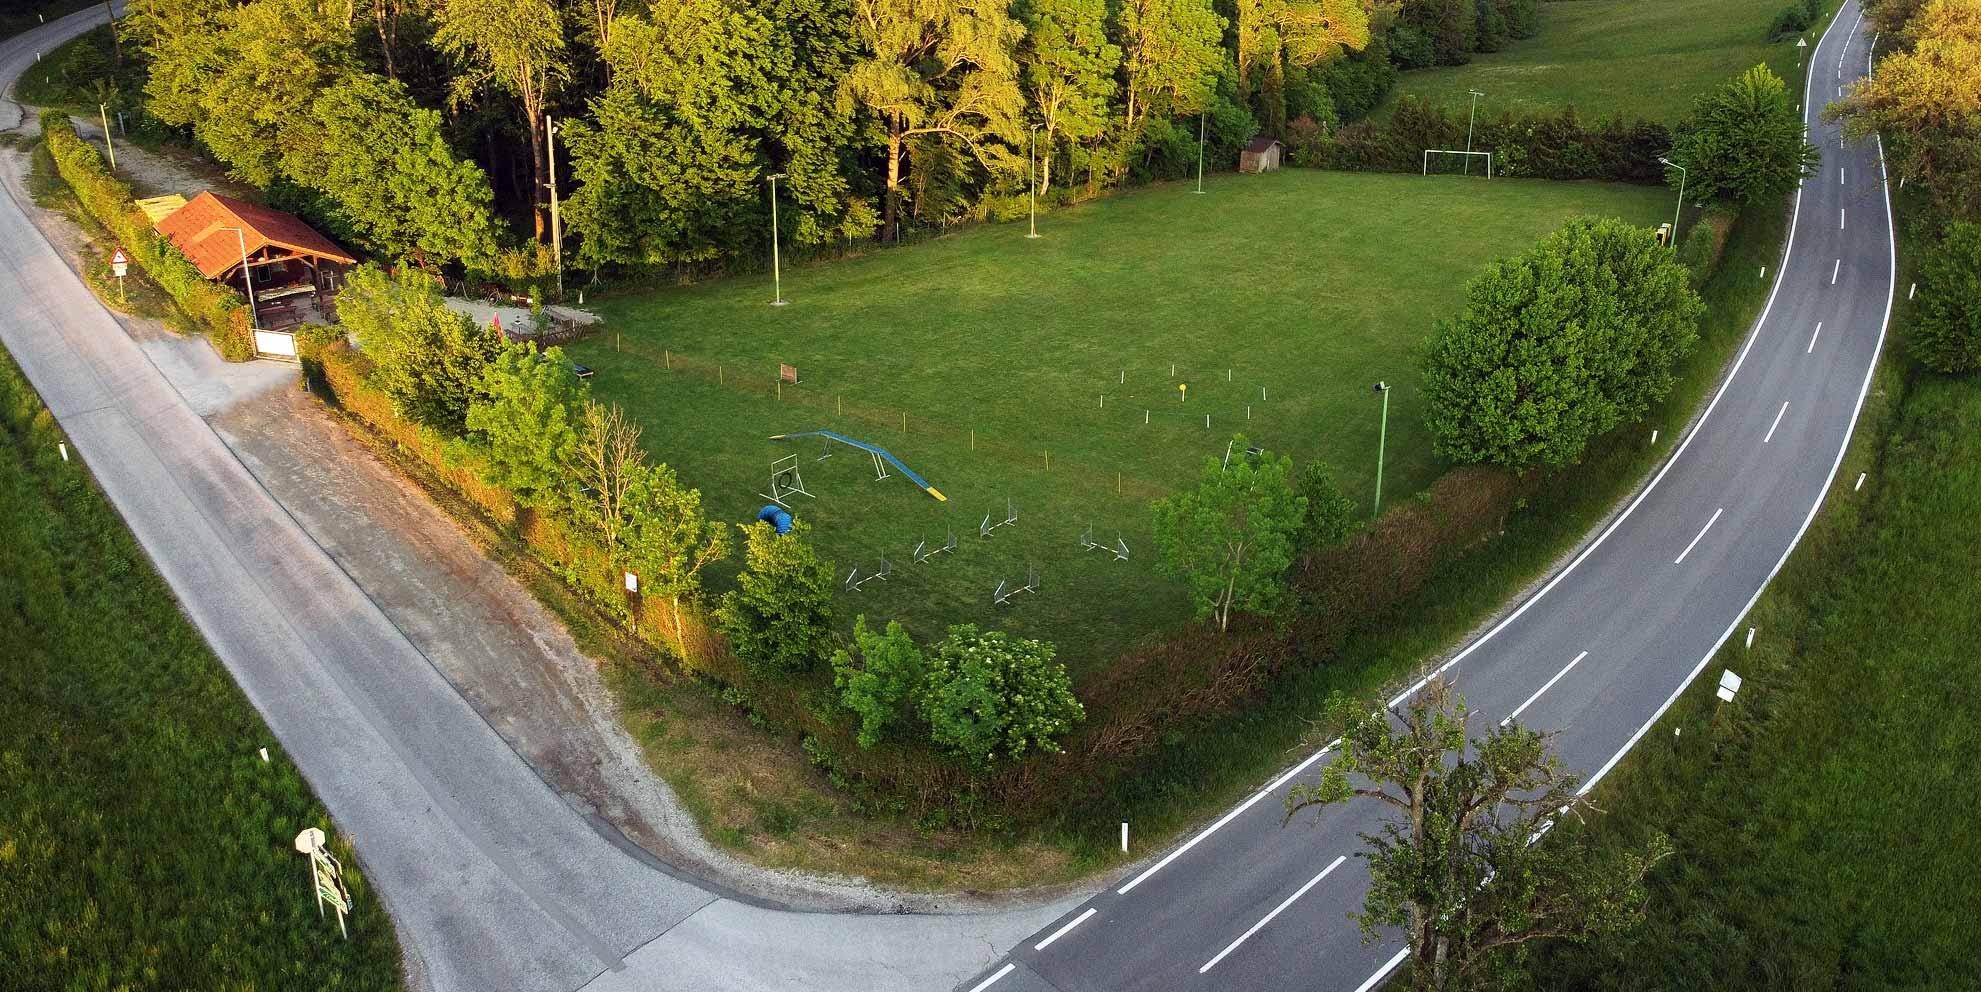 Luftaufnahme des Trainingsplatzes